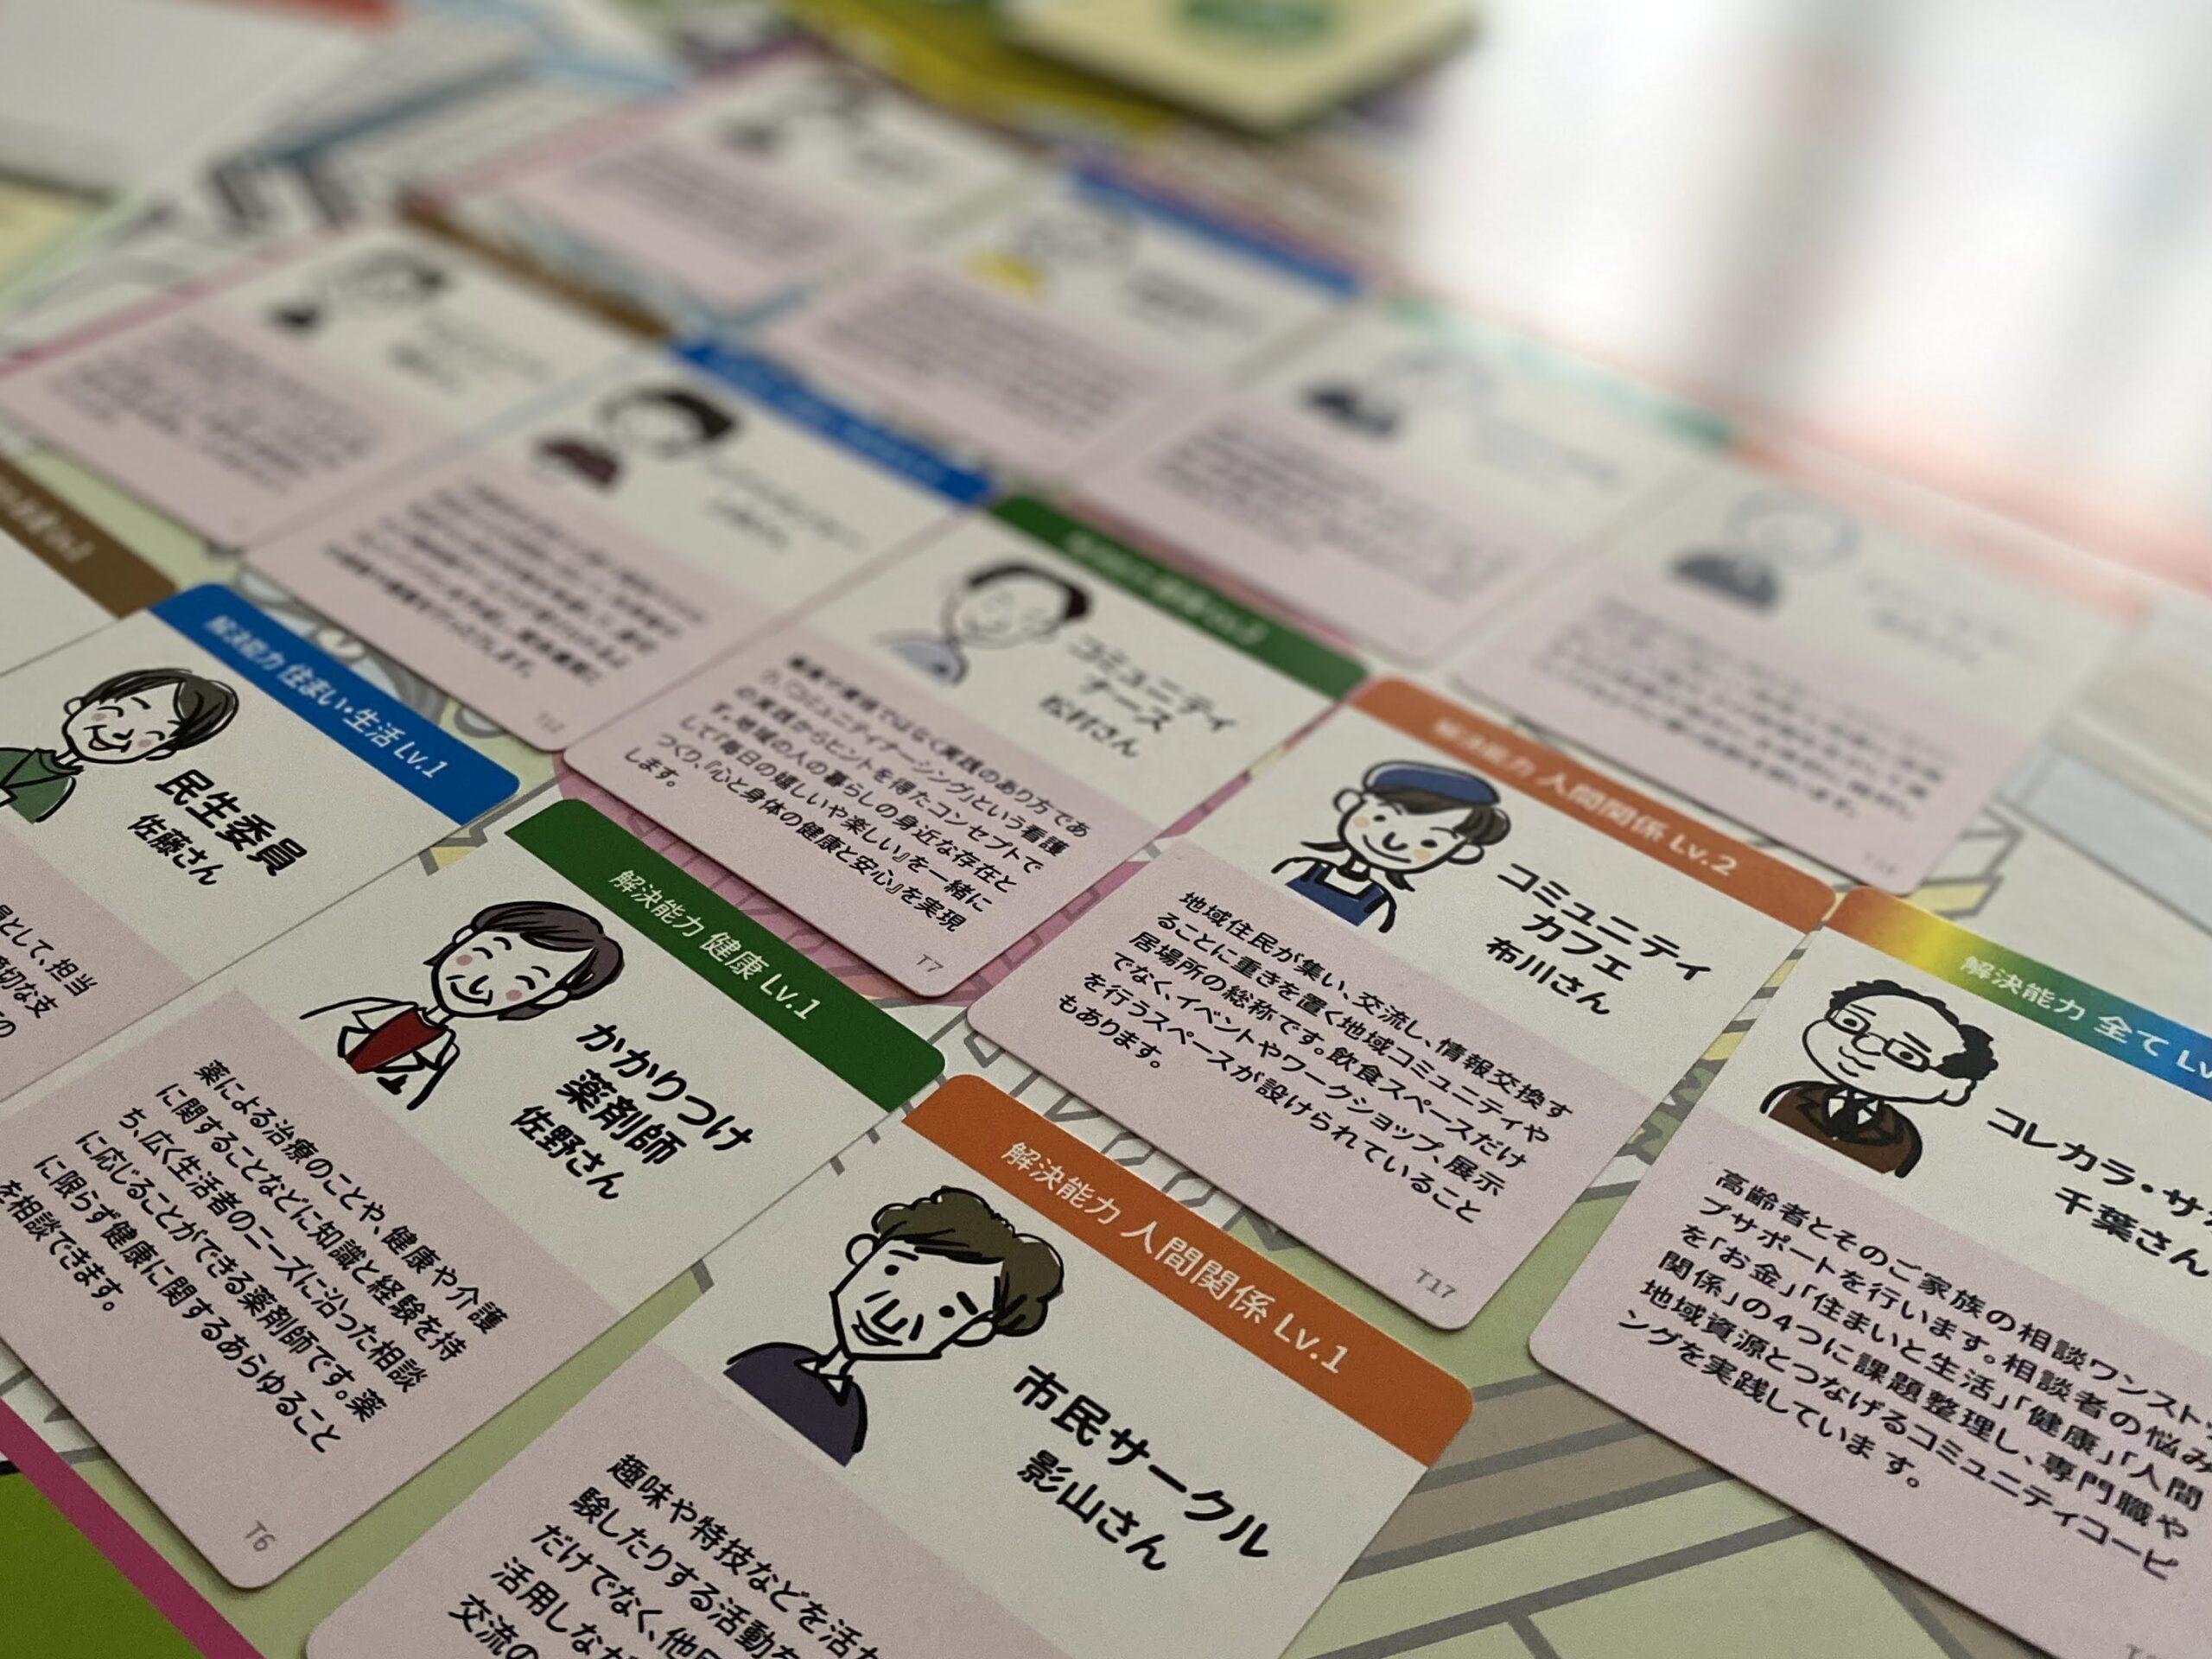 コミュコピ市民カード